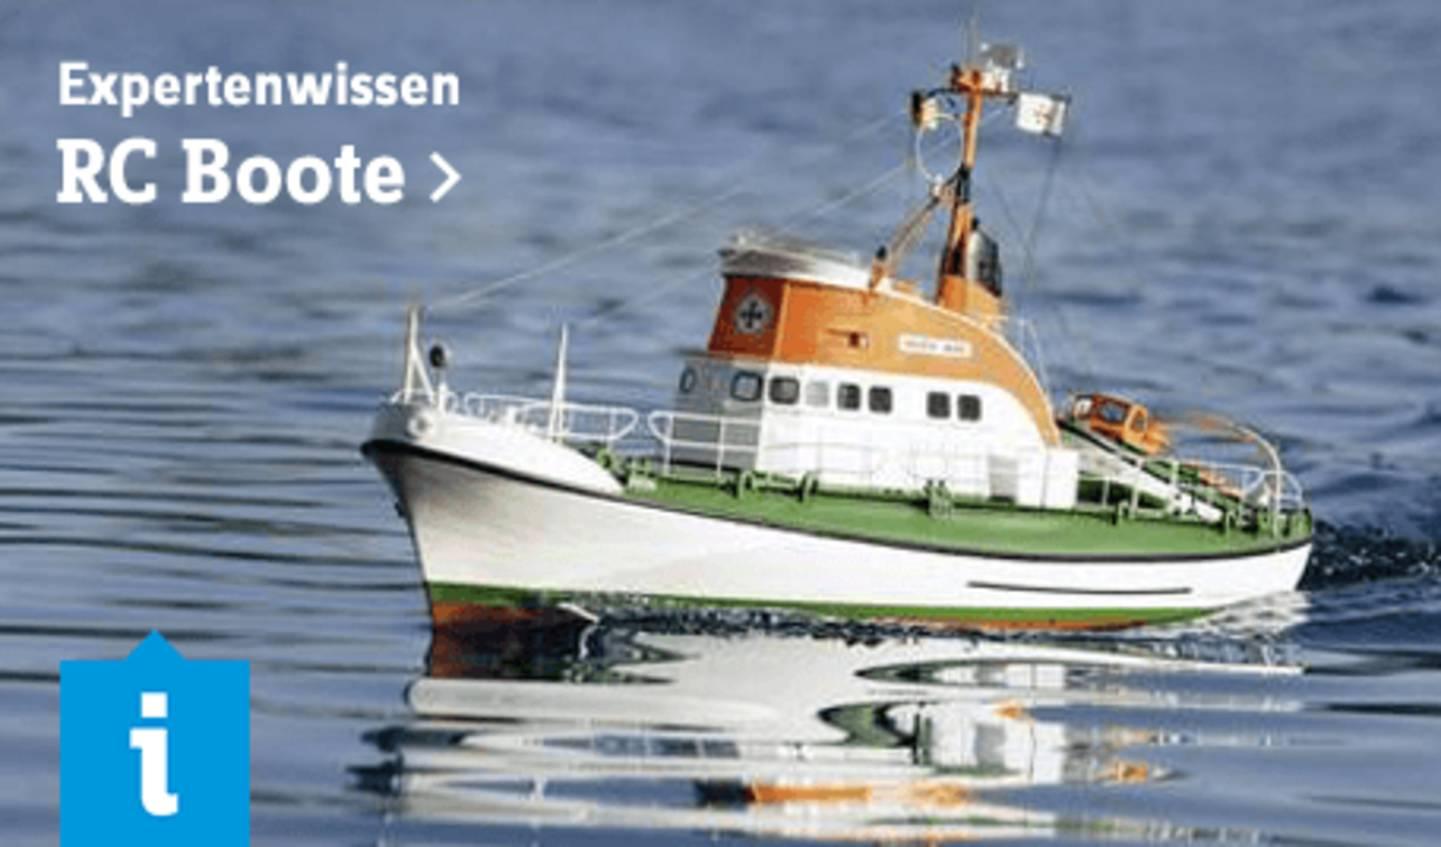 Expertenwissen: RC Boote